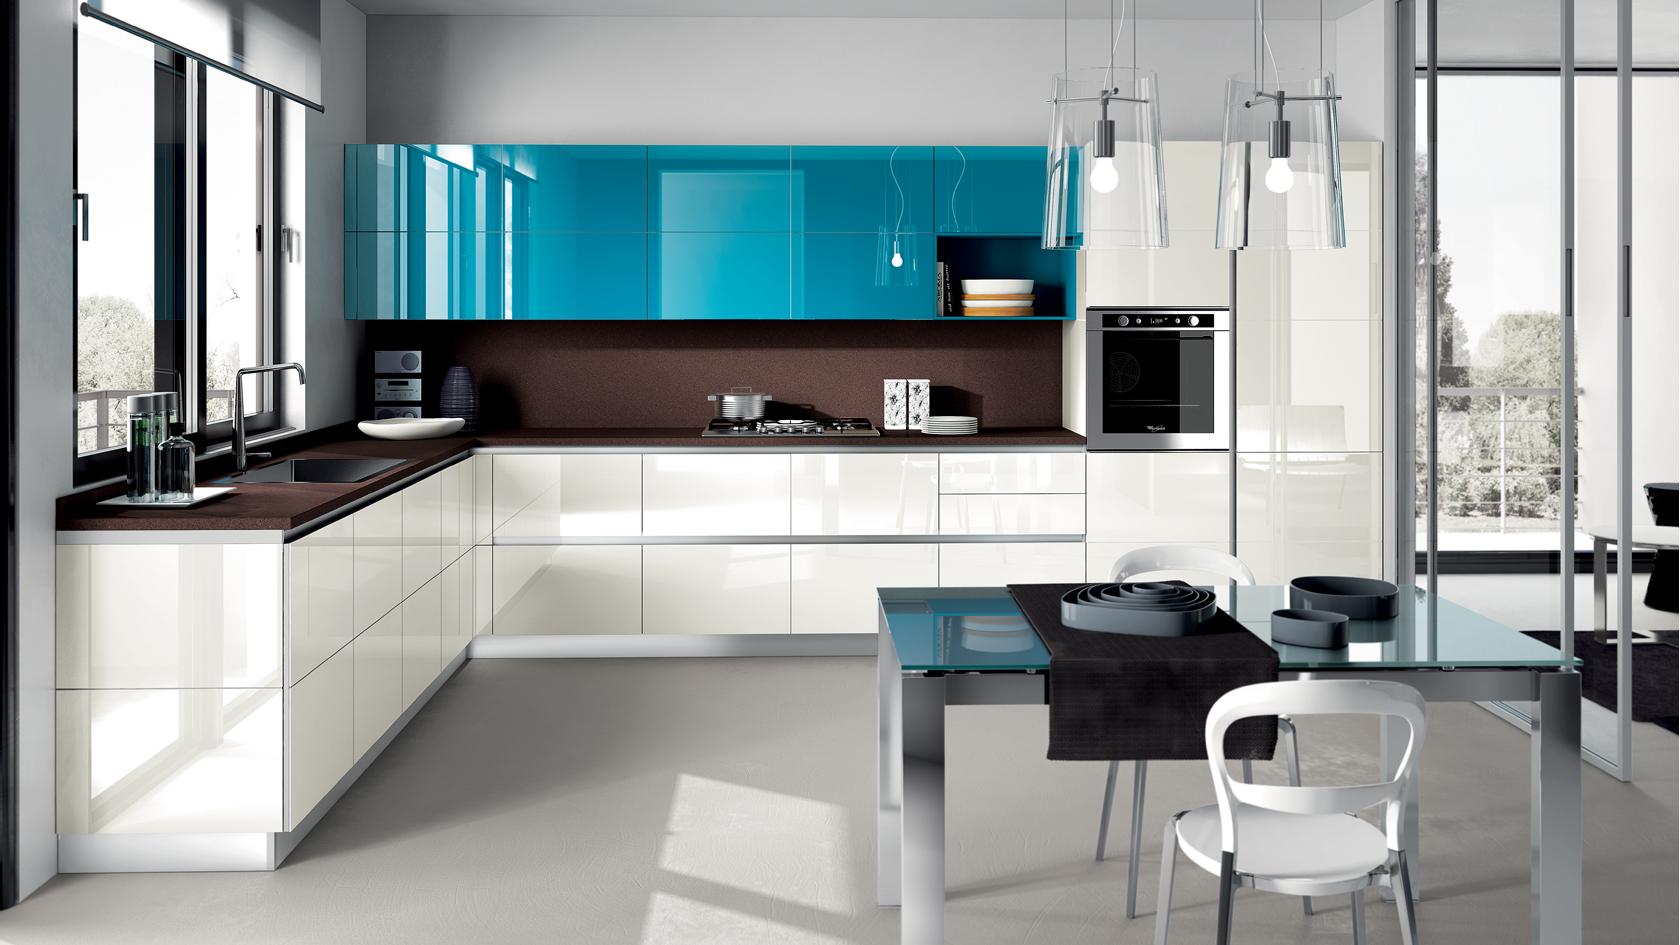 Azul Tiffany Na Cozinha 8 Ambientes Para Voc Se Inspirar ~ Cozinha Planejada Preta E Inox